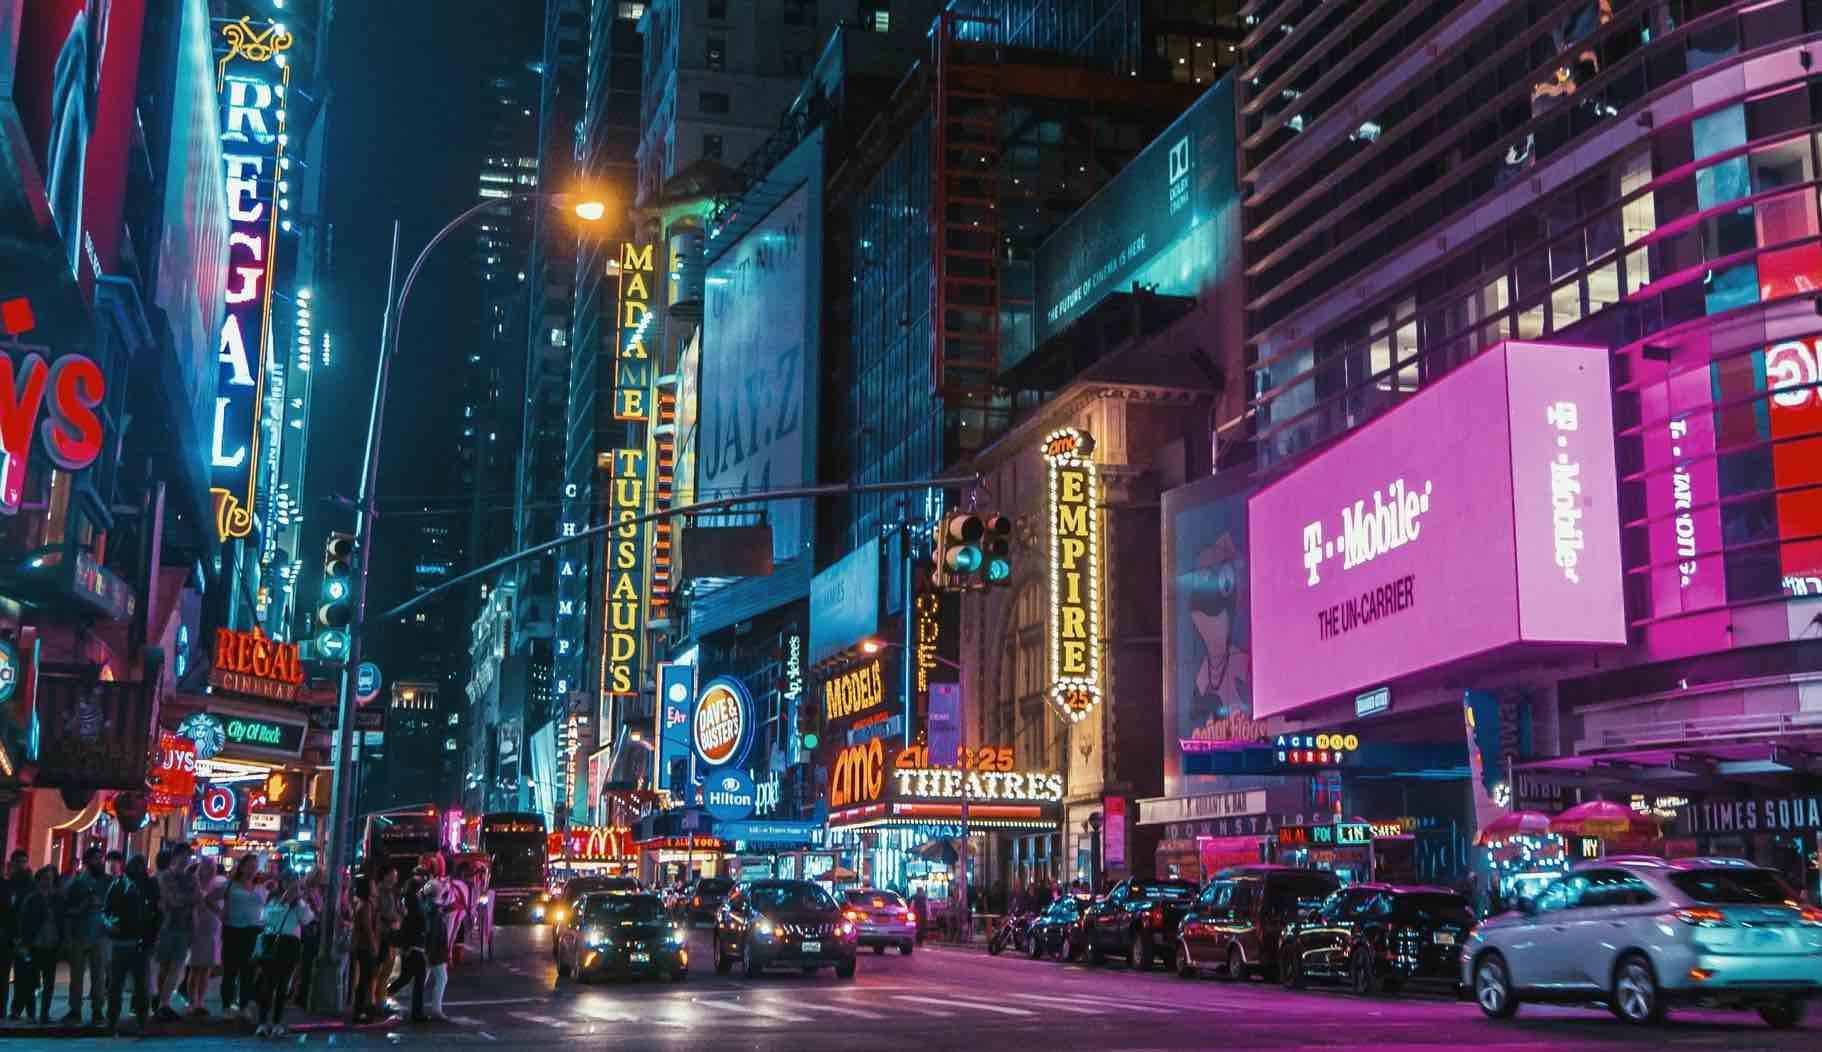 AMC, la cadena de cines más grande de EEUU, acepta Ethereum, Litecoin y Bitcoin Cash, además de BTC